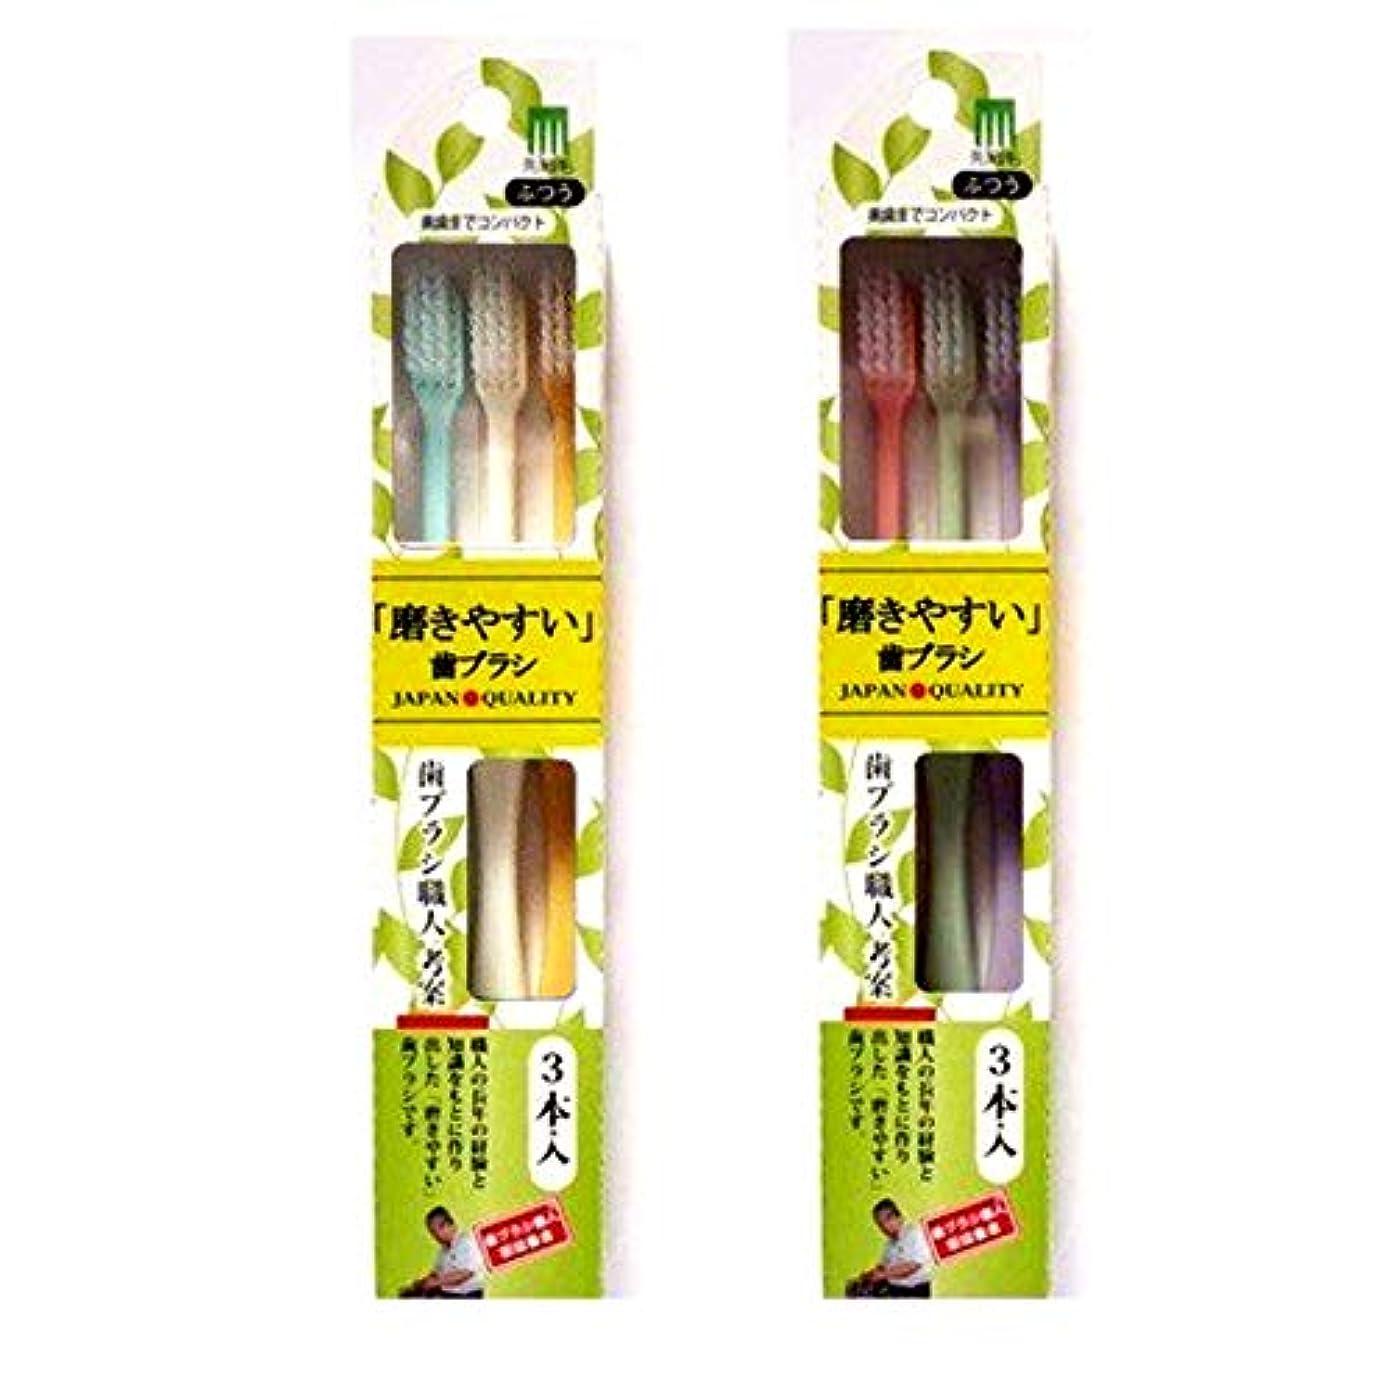 ミキサーリネン争う磨きやすい歯ブラシ (先細毛) 奥までコンパクト3本組 ELT-1 (色選択不可)